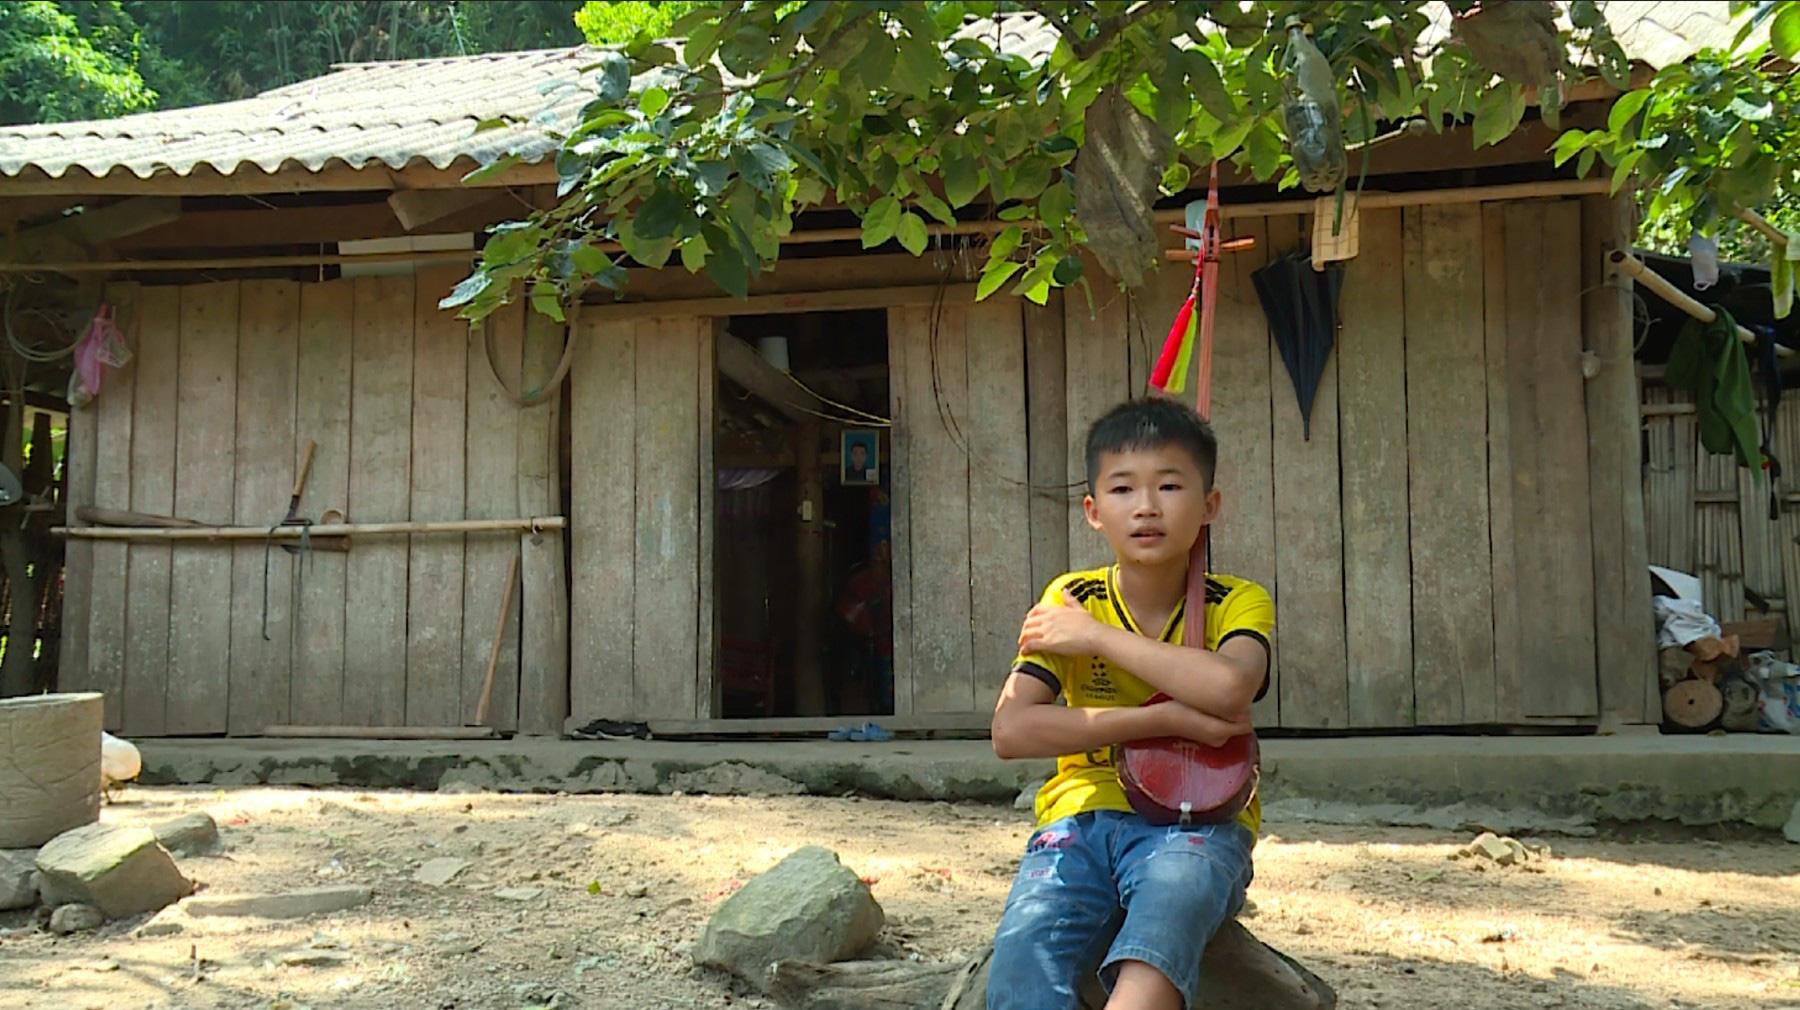 Em bé miền núi bật khóc khi được Trấn Thành tặng 20 triệu tiền mặt trên sân khấu - Ảnh 1.